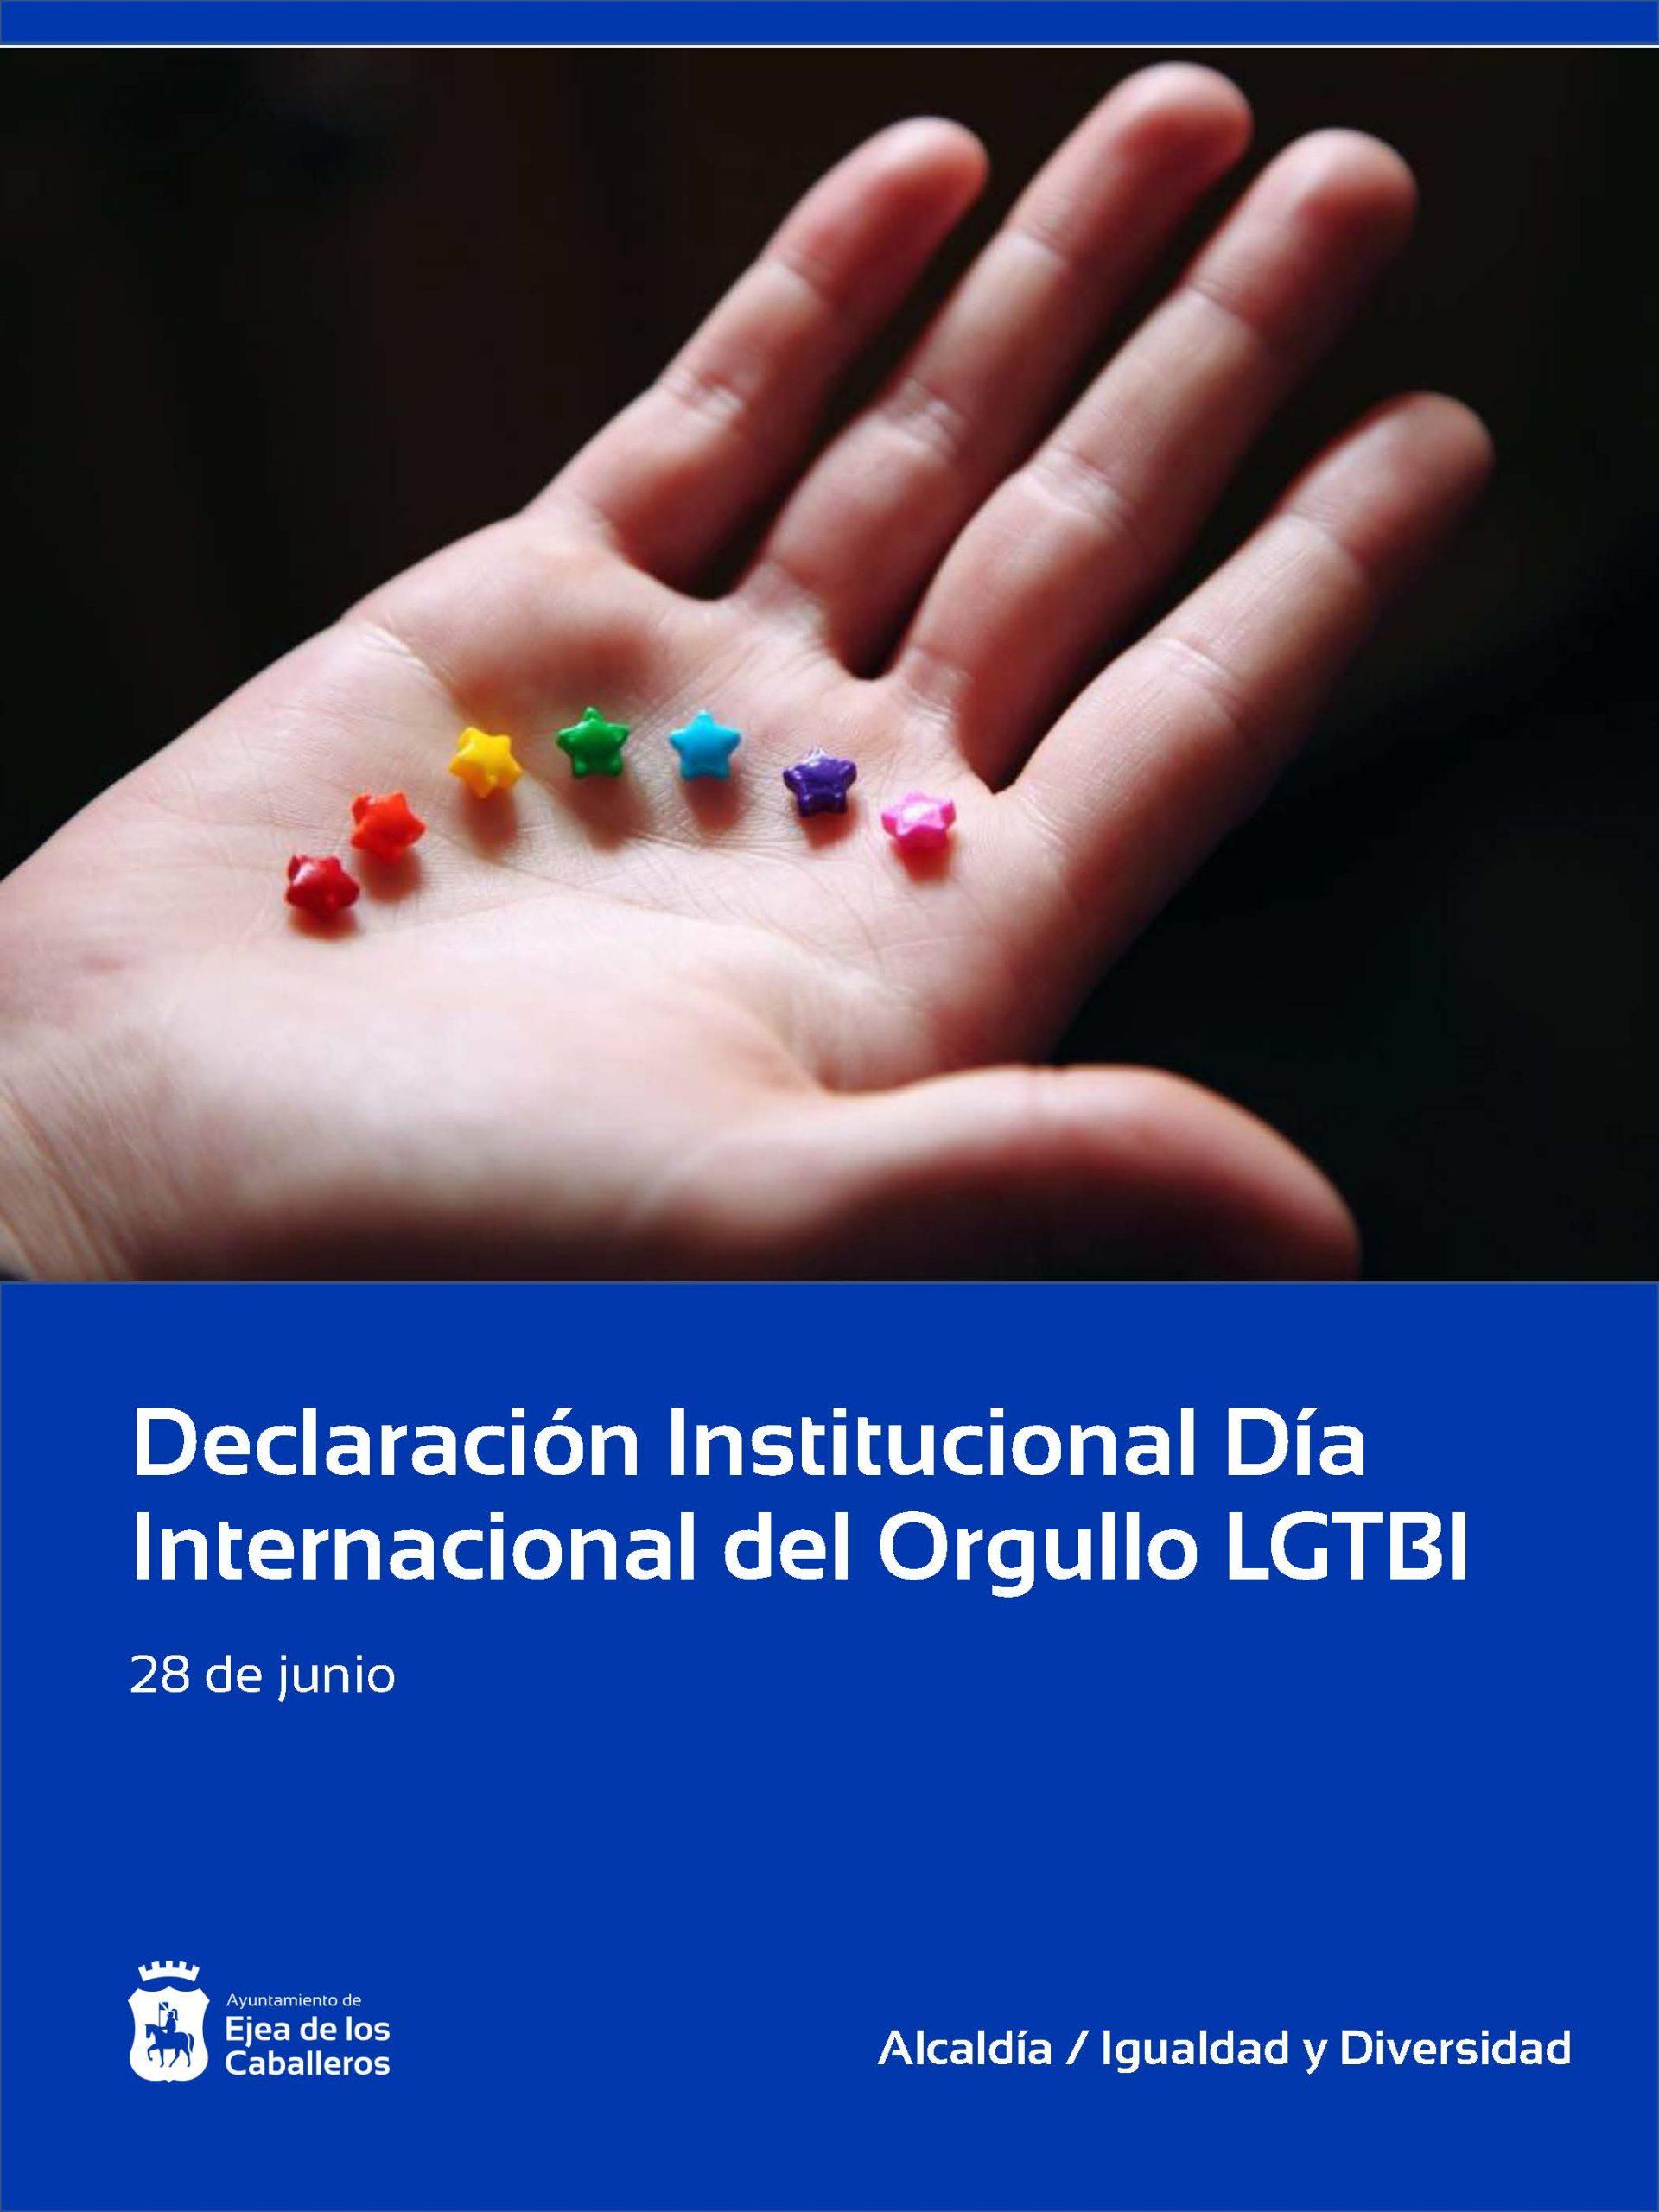 Ejea aprueba una Declaración Institucional con motivo del Día Internacional del Orgullo LGTBI